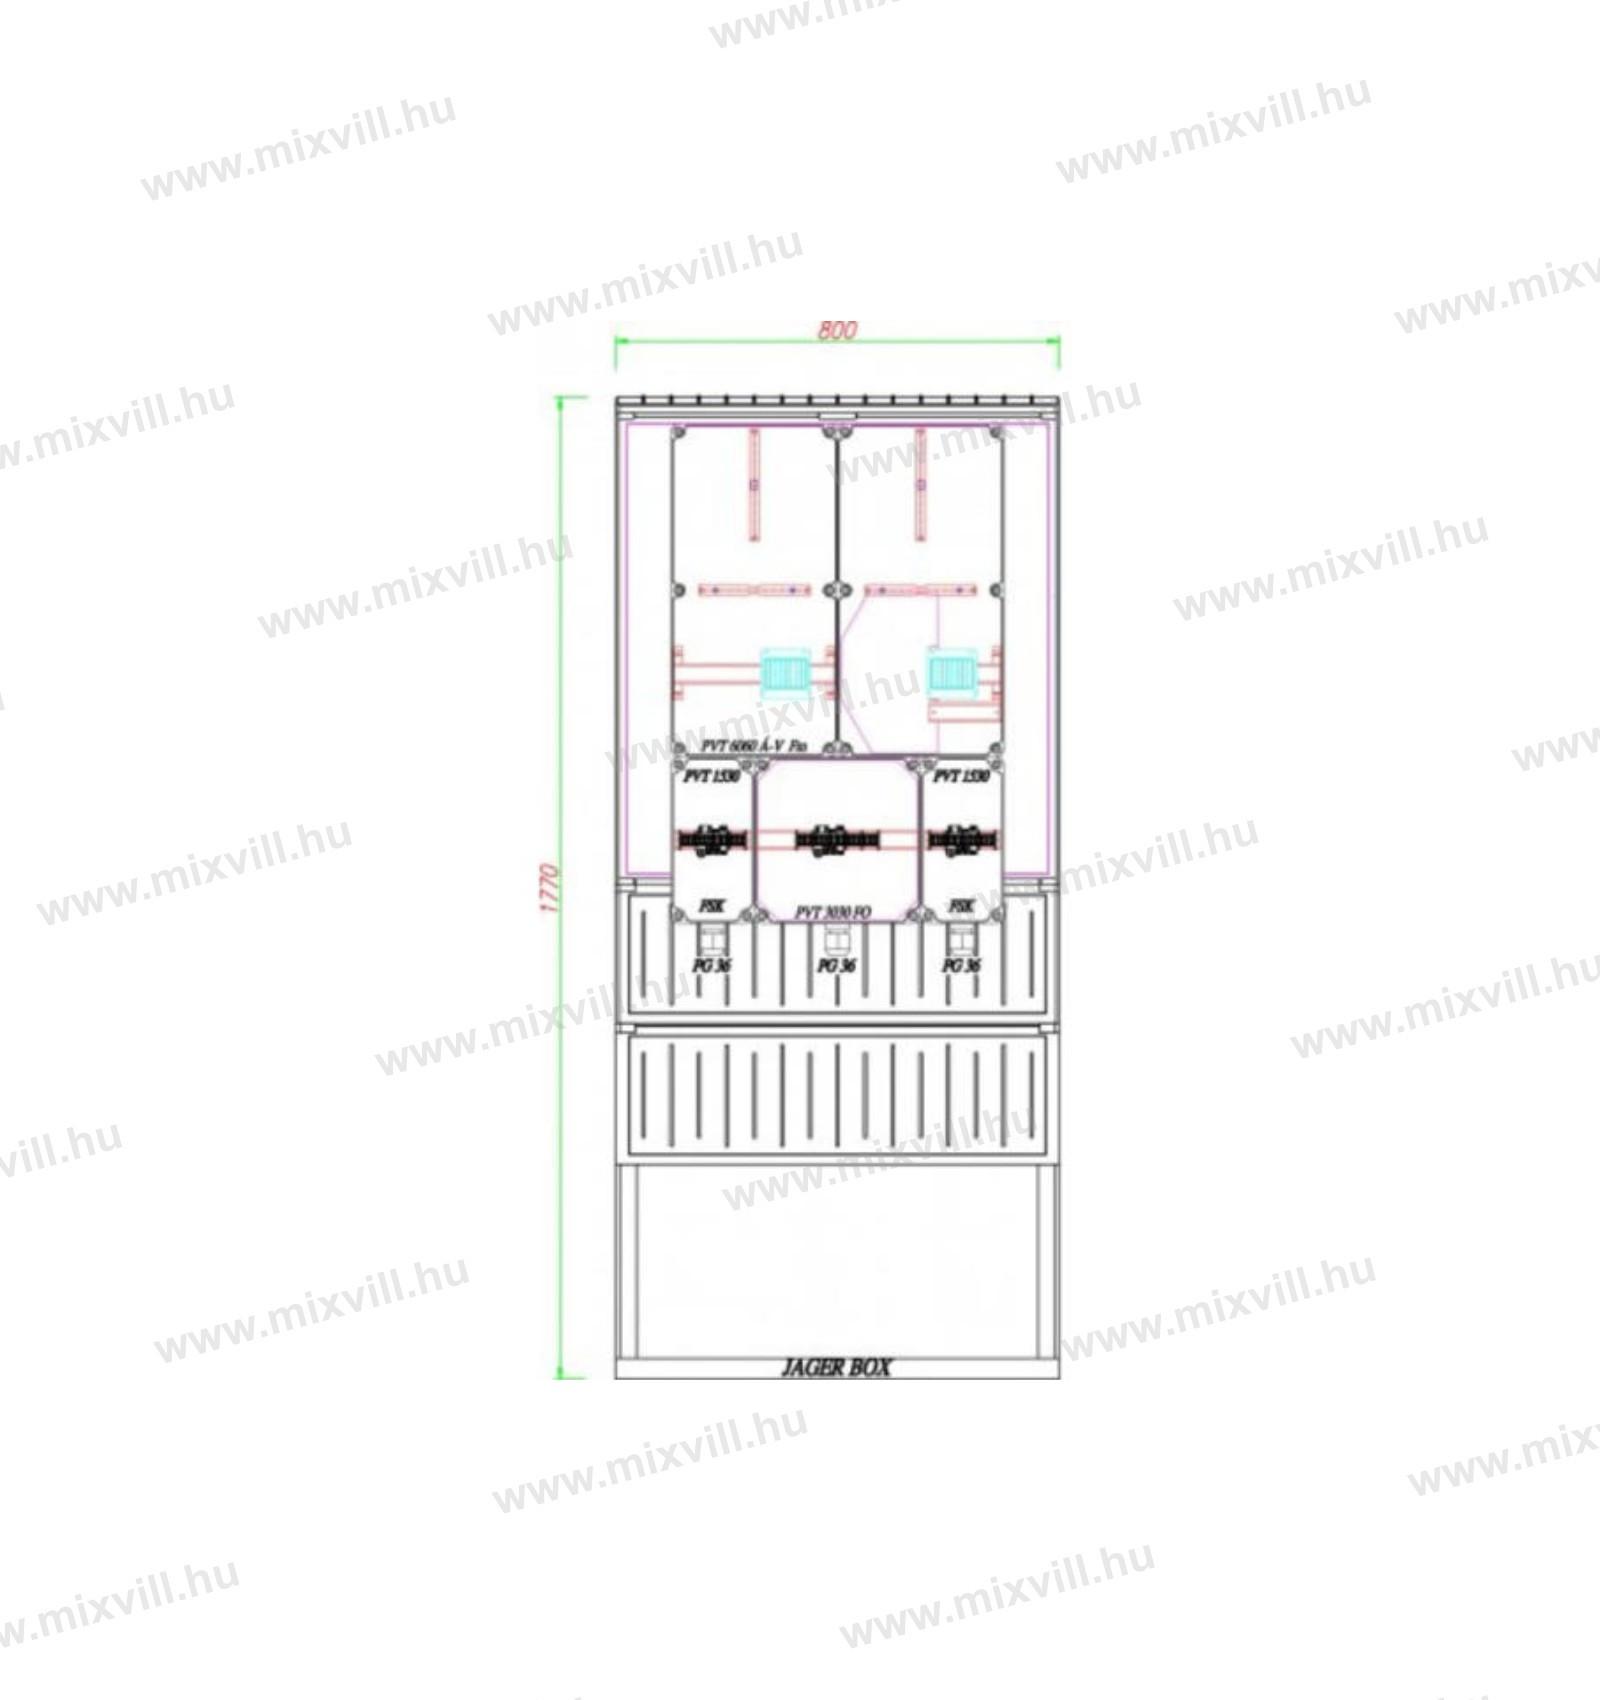 CSP-72000010-pvt-k-l-eon-3-fm-av-fm-labazati-szekreny-foldbe-telepitheto-kombinalt-csp72000010